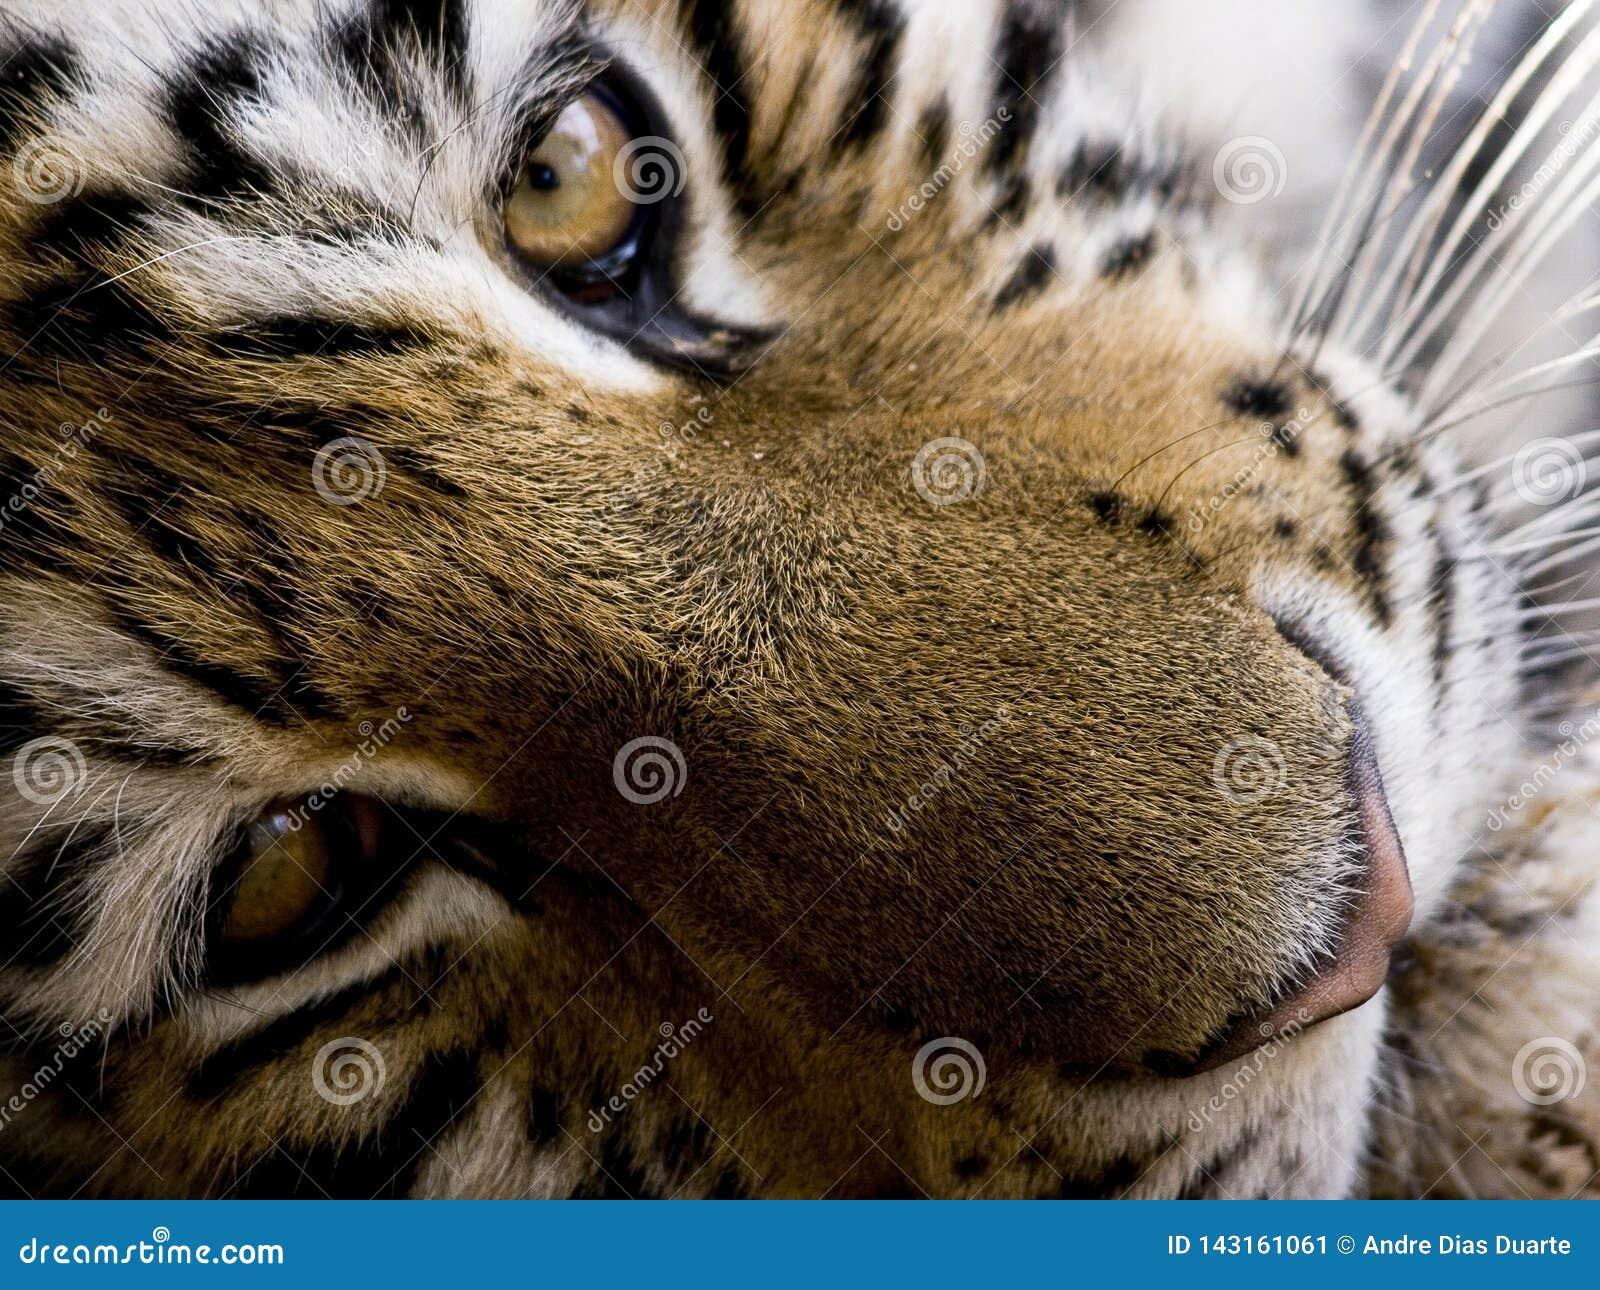 Tiger close-up portrait